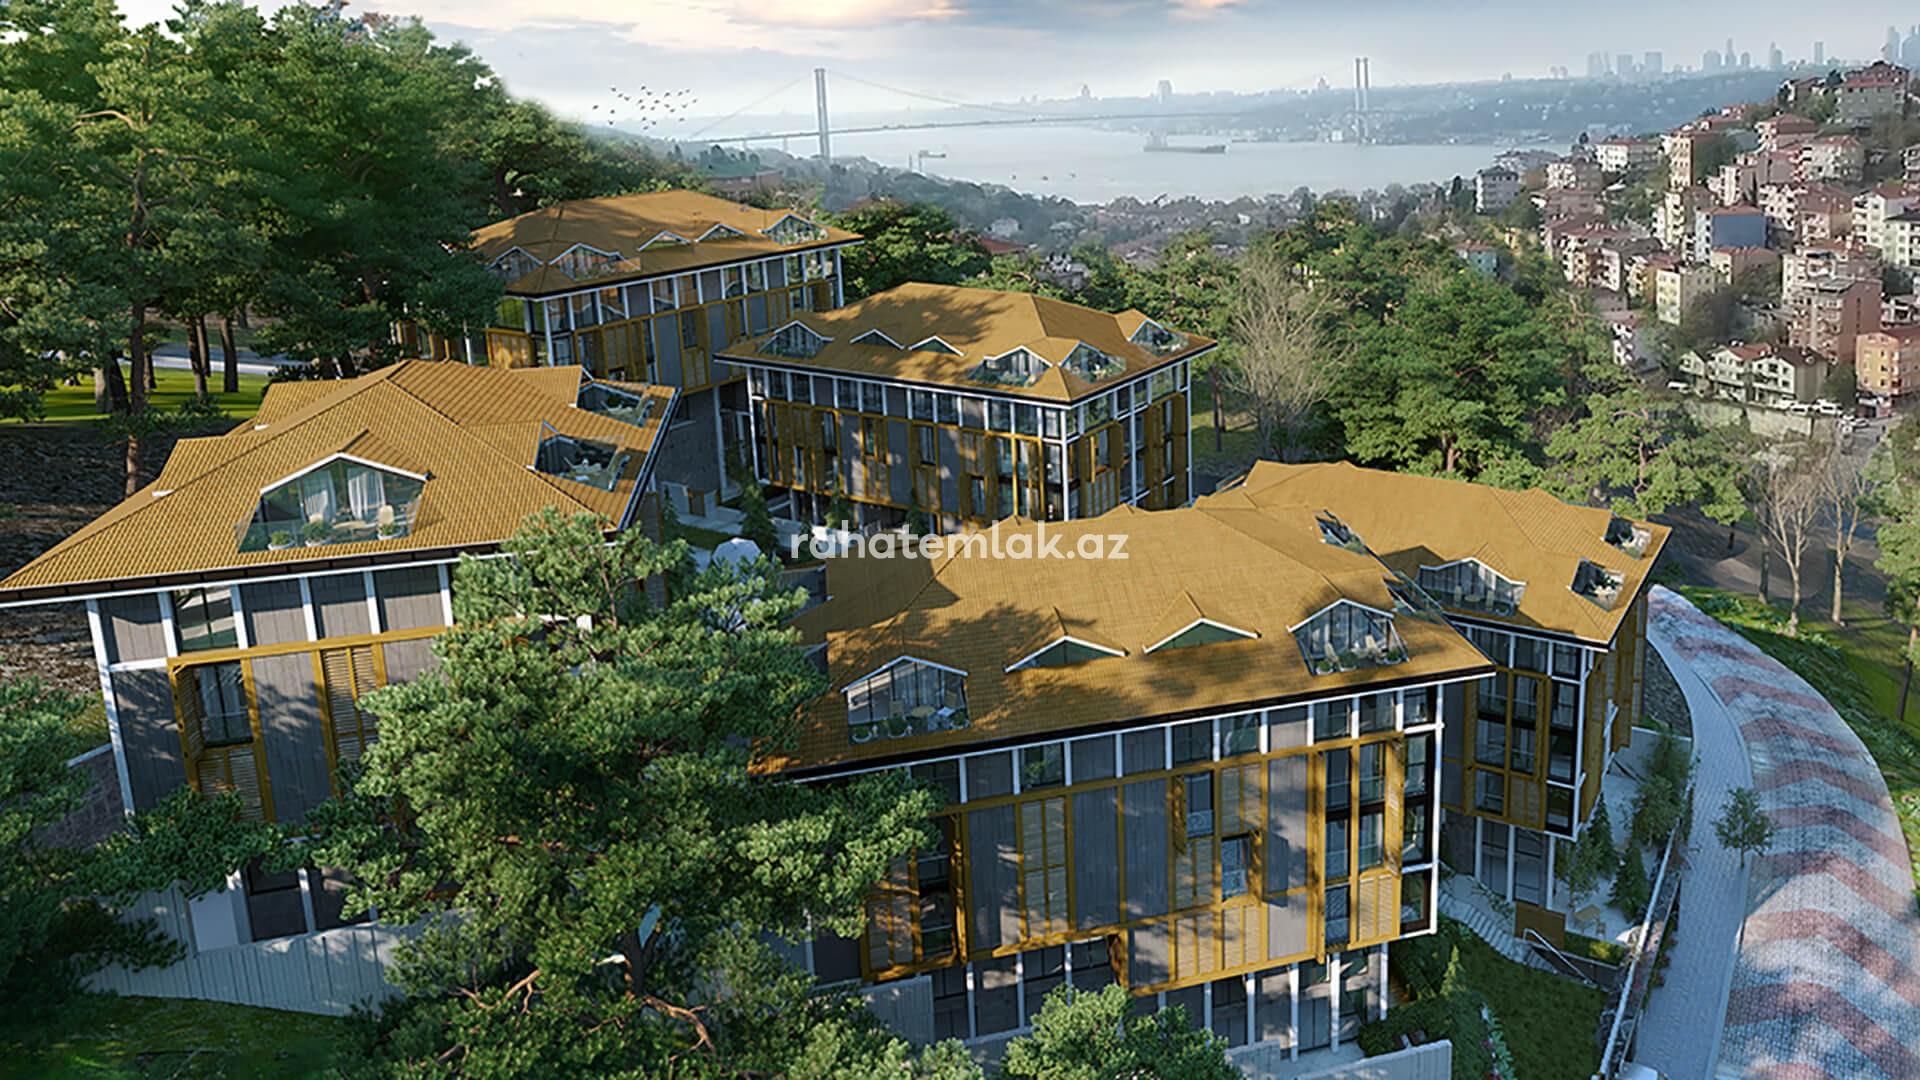 Üsküdarda yerləşən butik tipli kompleksdən möhtəşəm Boğaziçi mənzərəli rezidensiyalar